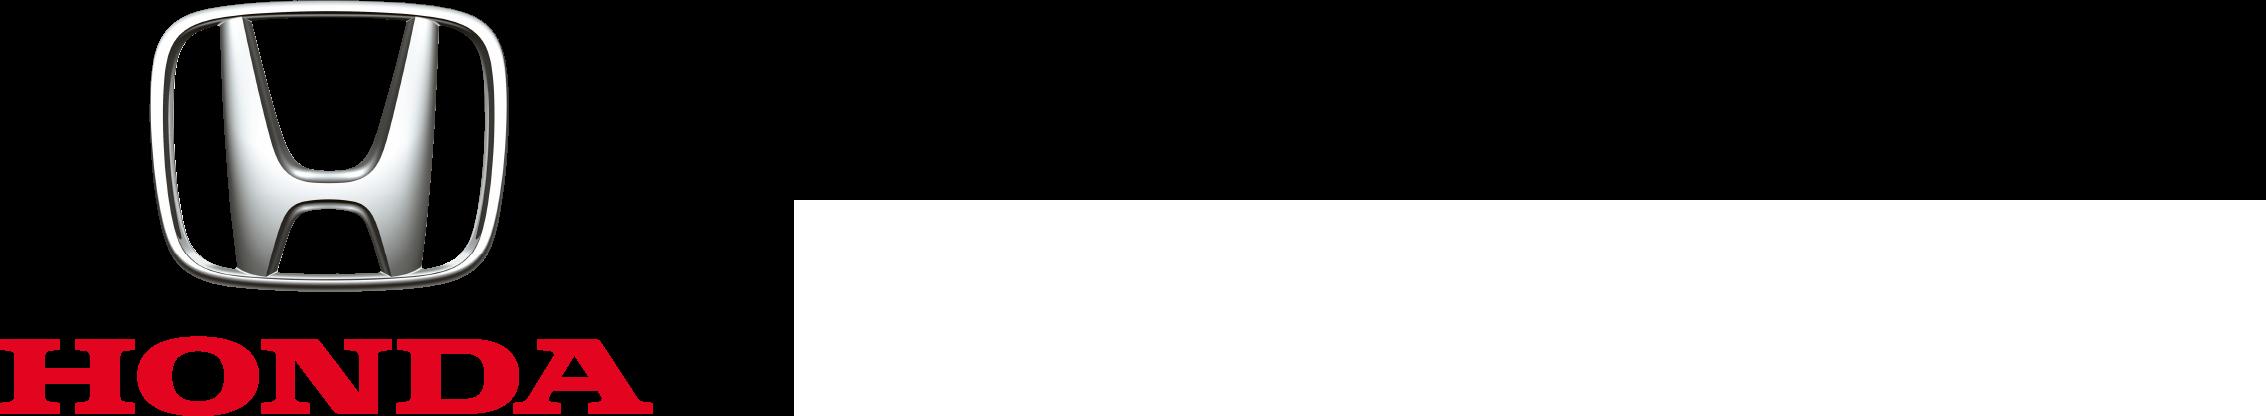 Concessionária Honda no Rio de Janeiro